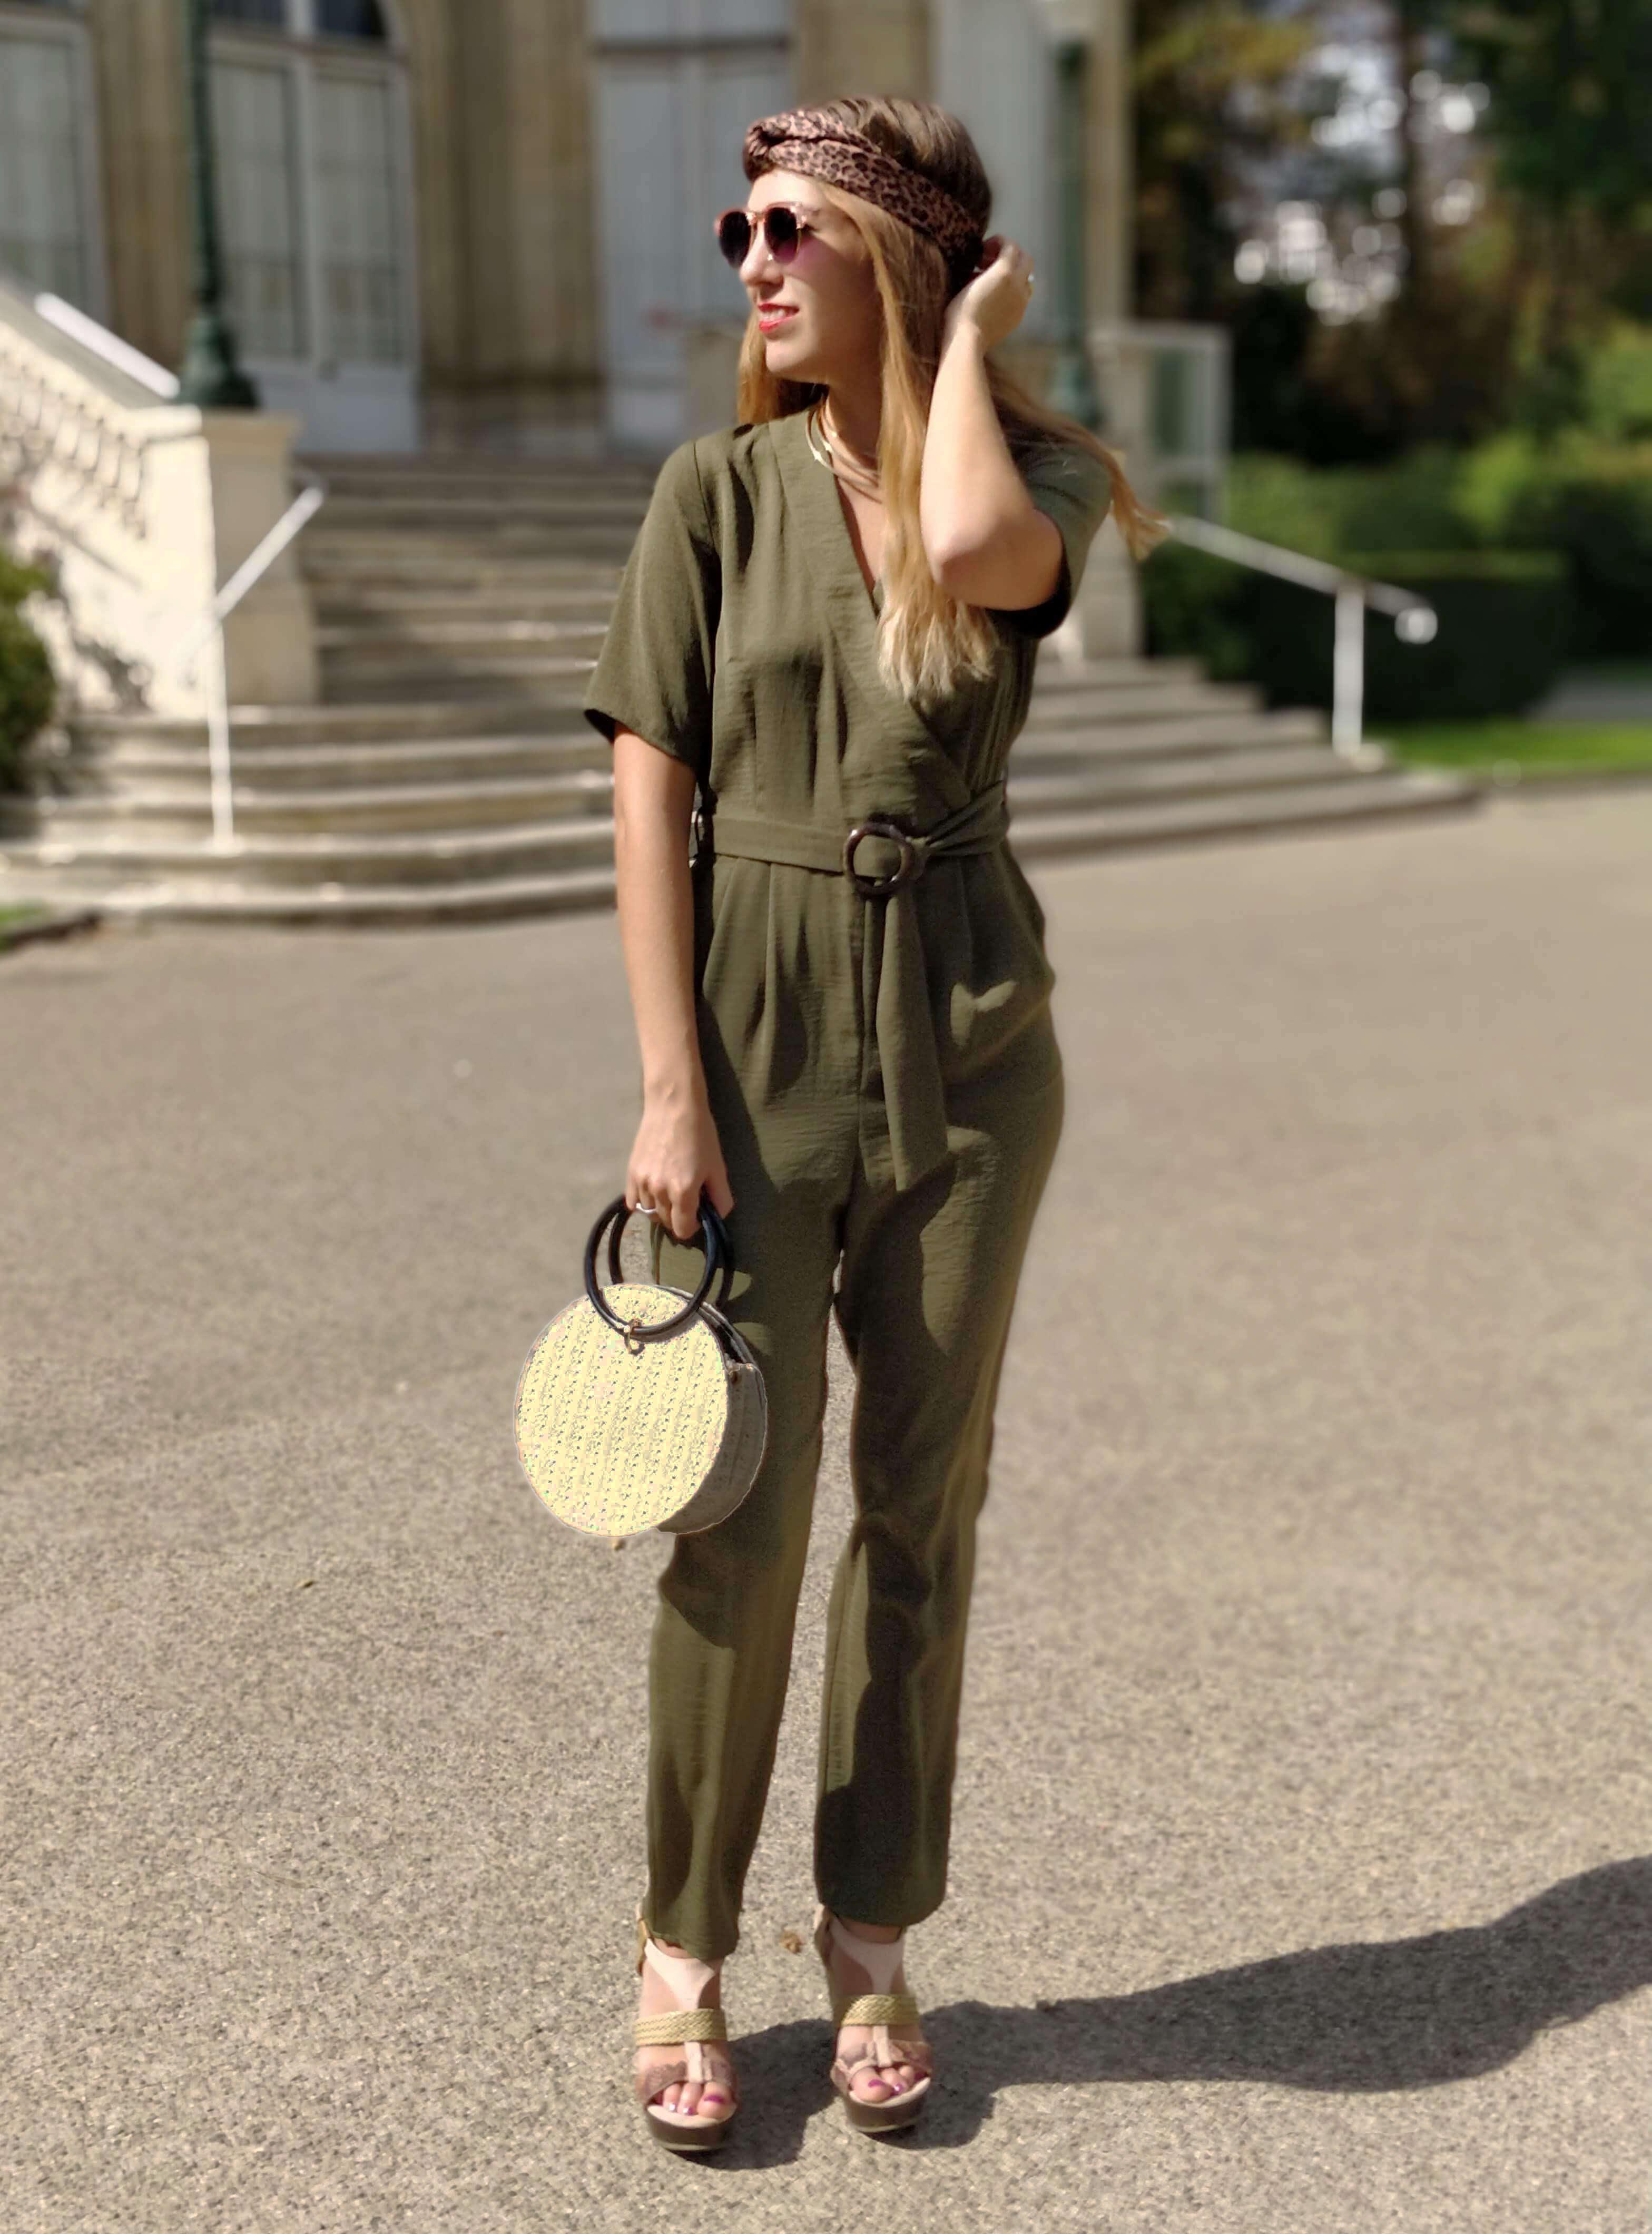 combinaison pantalon kaki blog mode - Profiter de l'été indien